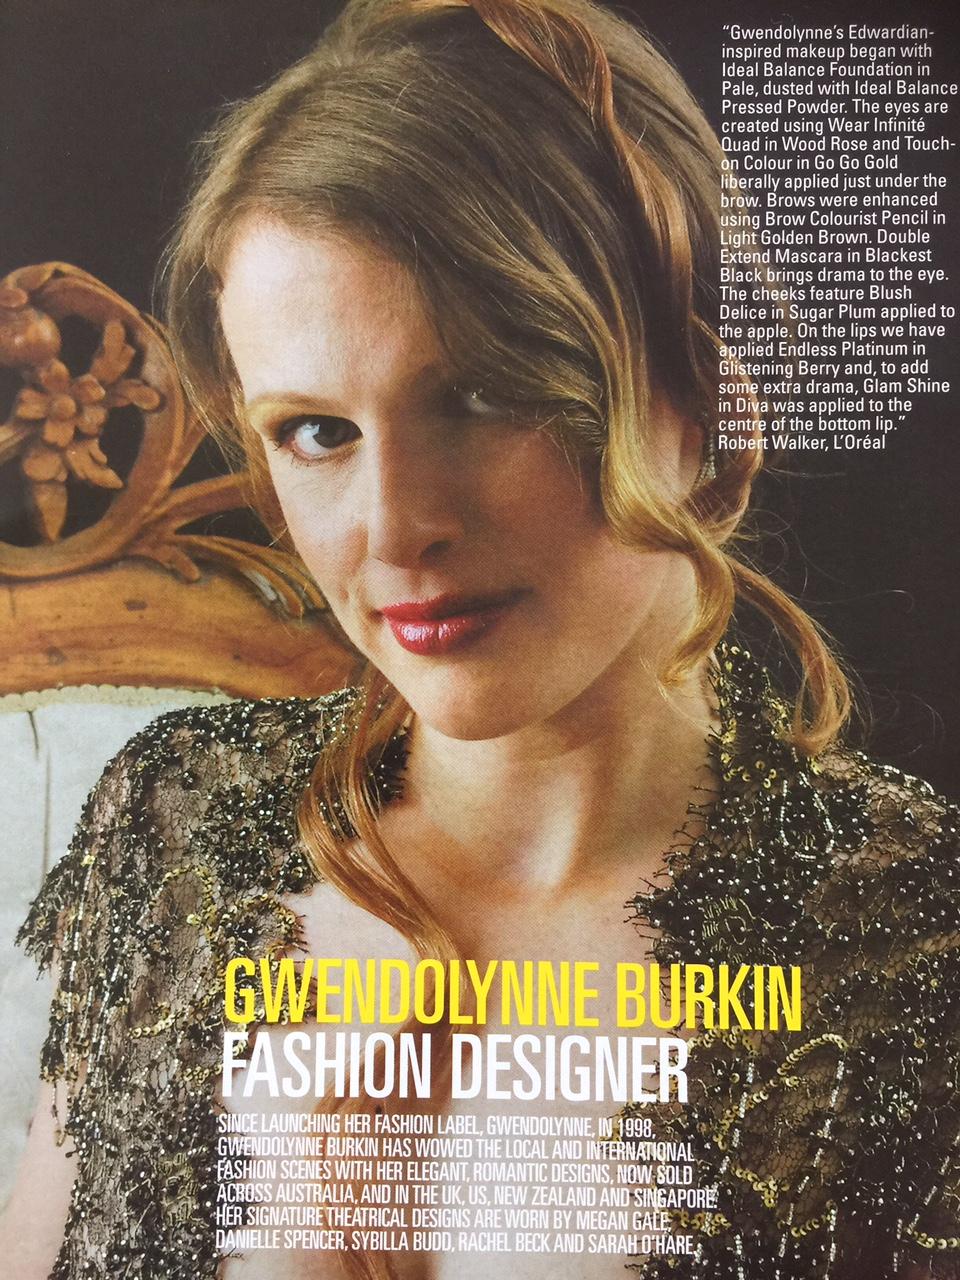 Gwendolynne Burkin Fashion Designer for L'Oreal.jpg